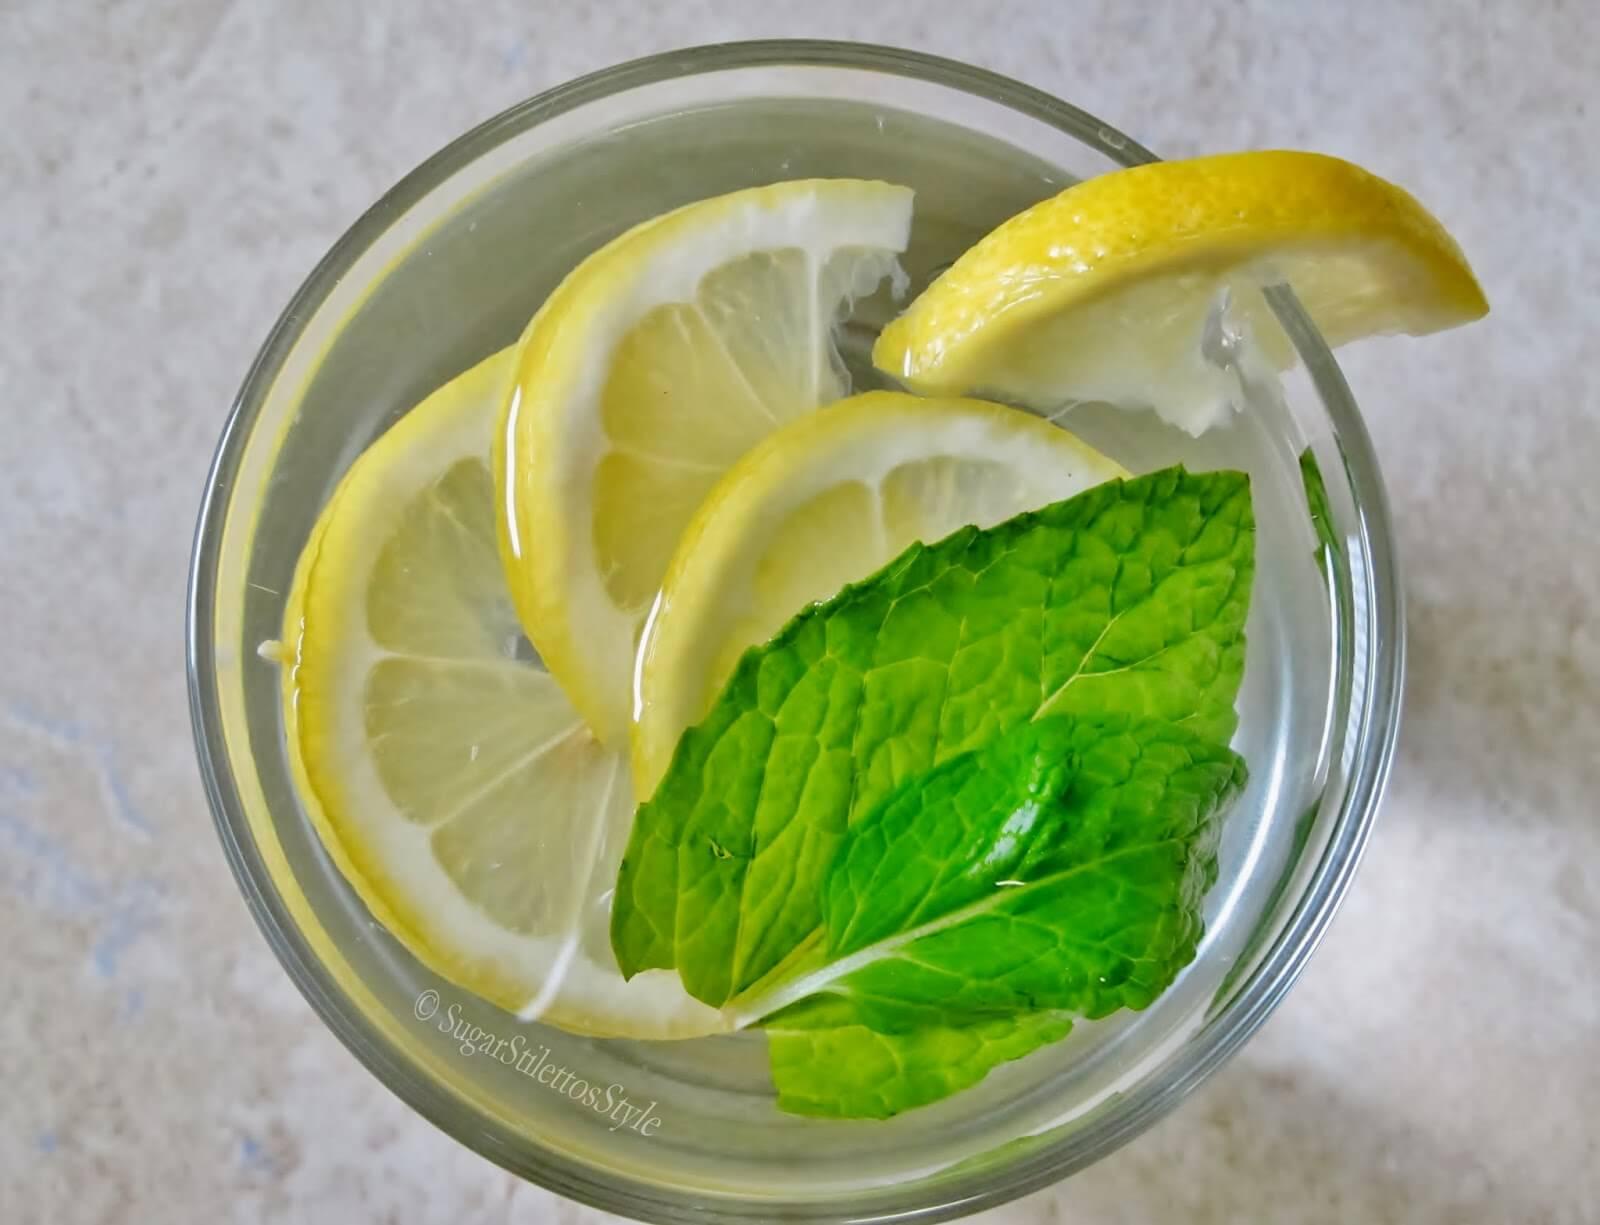 Mesti Cuba 21 Resepi Minuman Detox Yang Menyihatkan